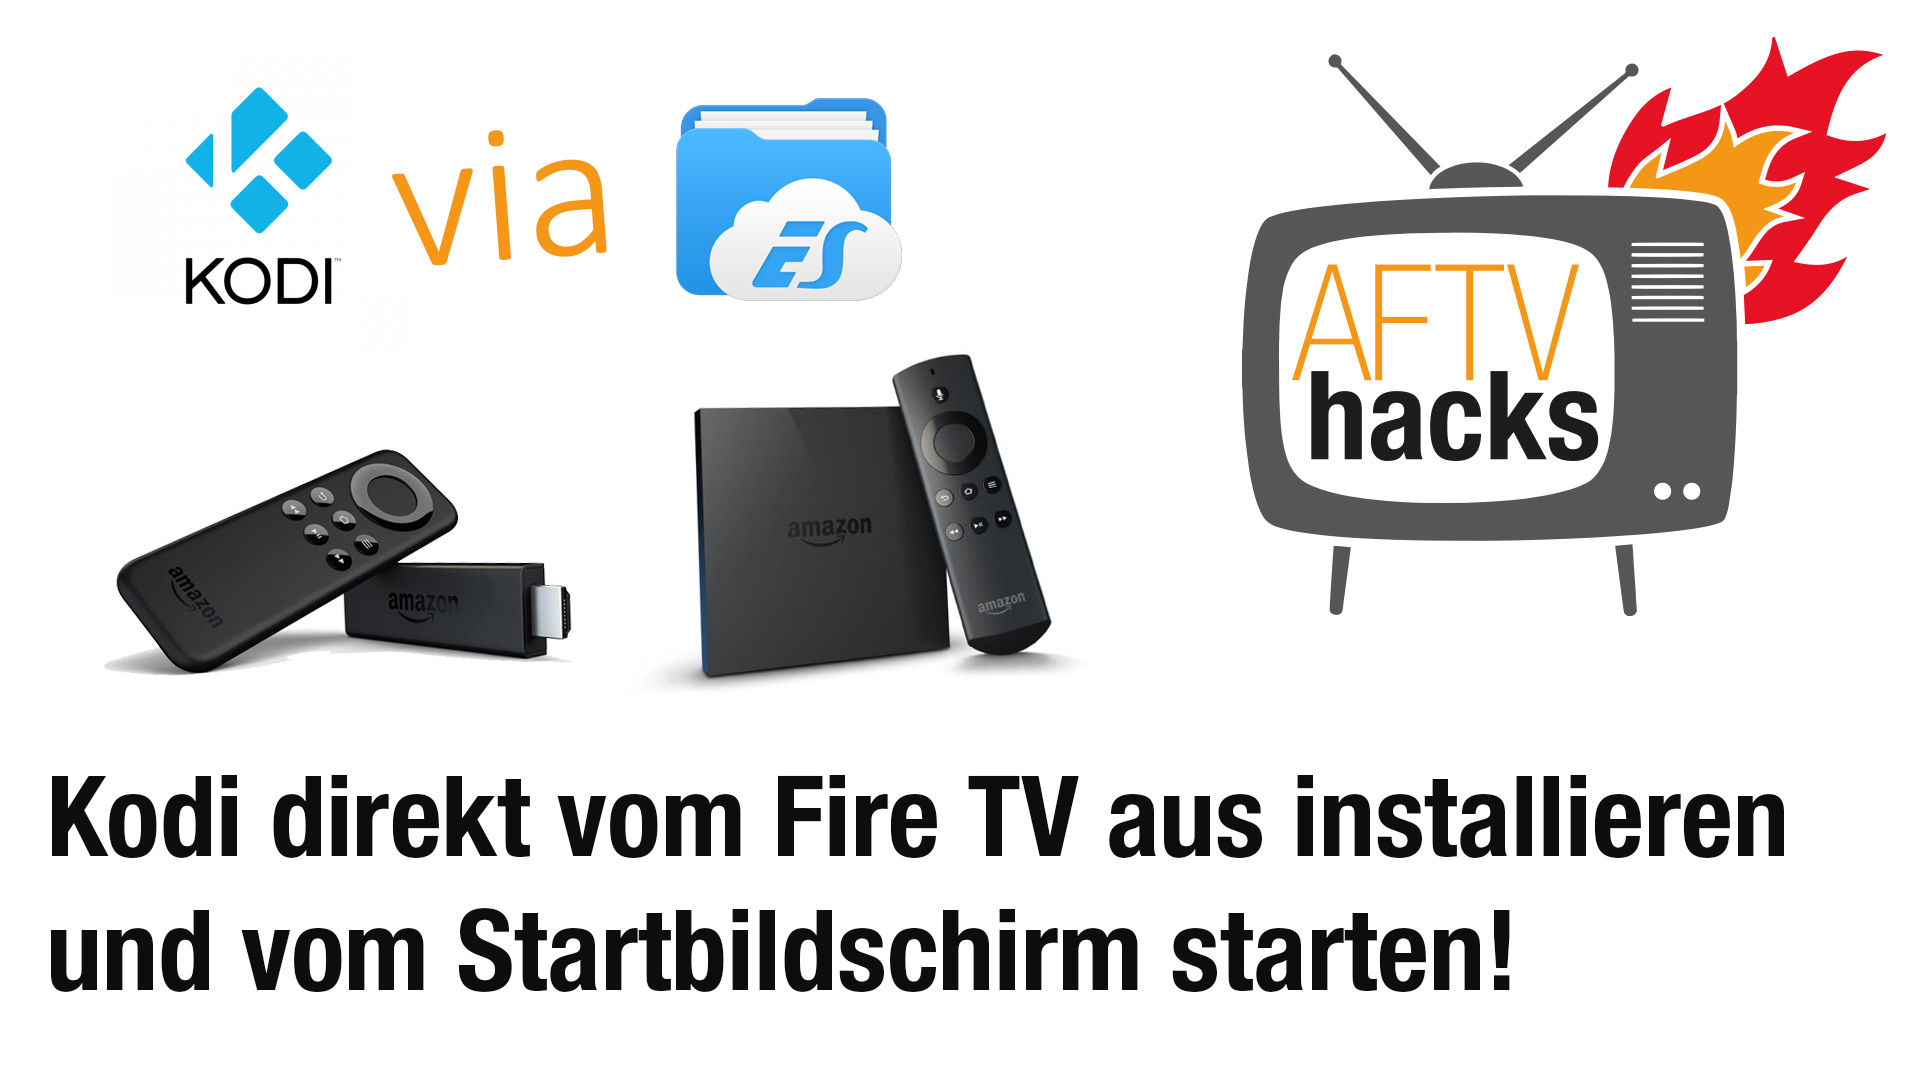 Kodi installieren auf Fire TV 2, Fire TV & Stick und vom Startbildschirm aus starten (Stand September 2015)